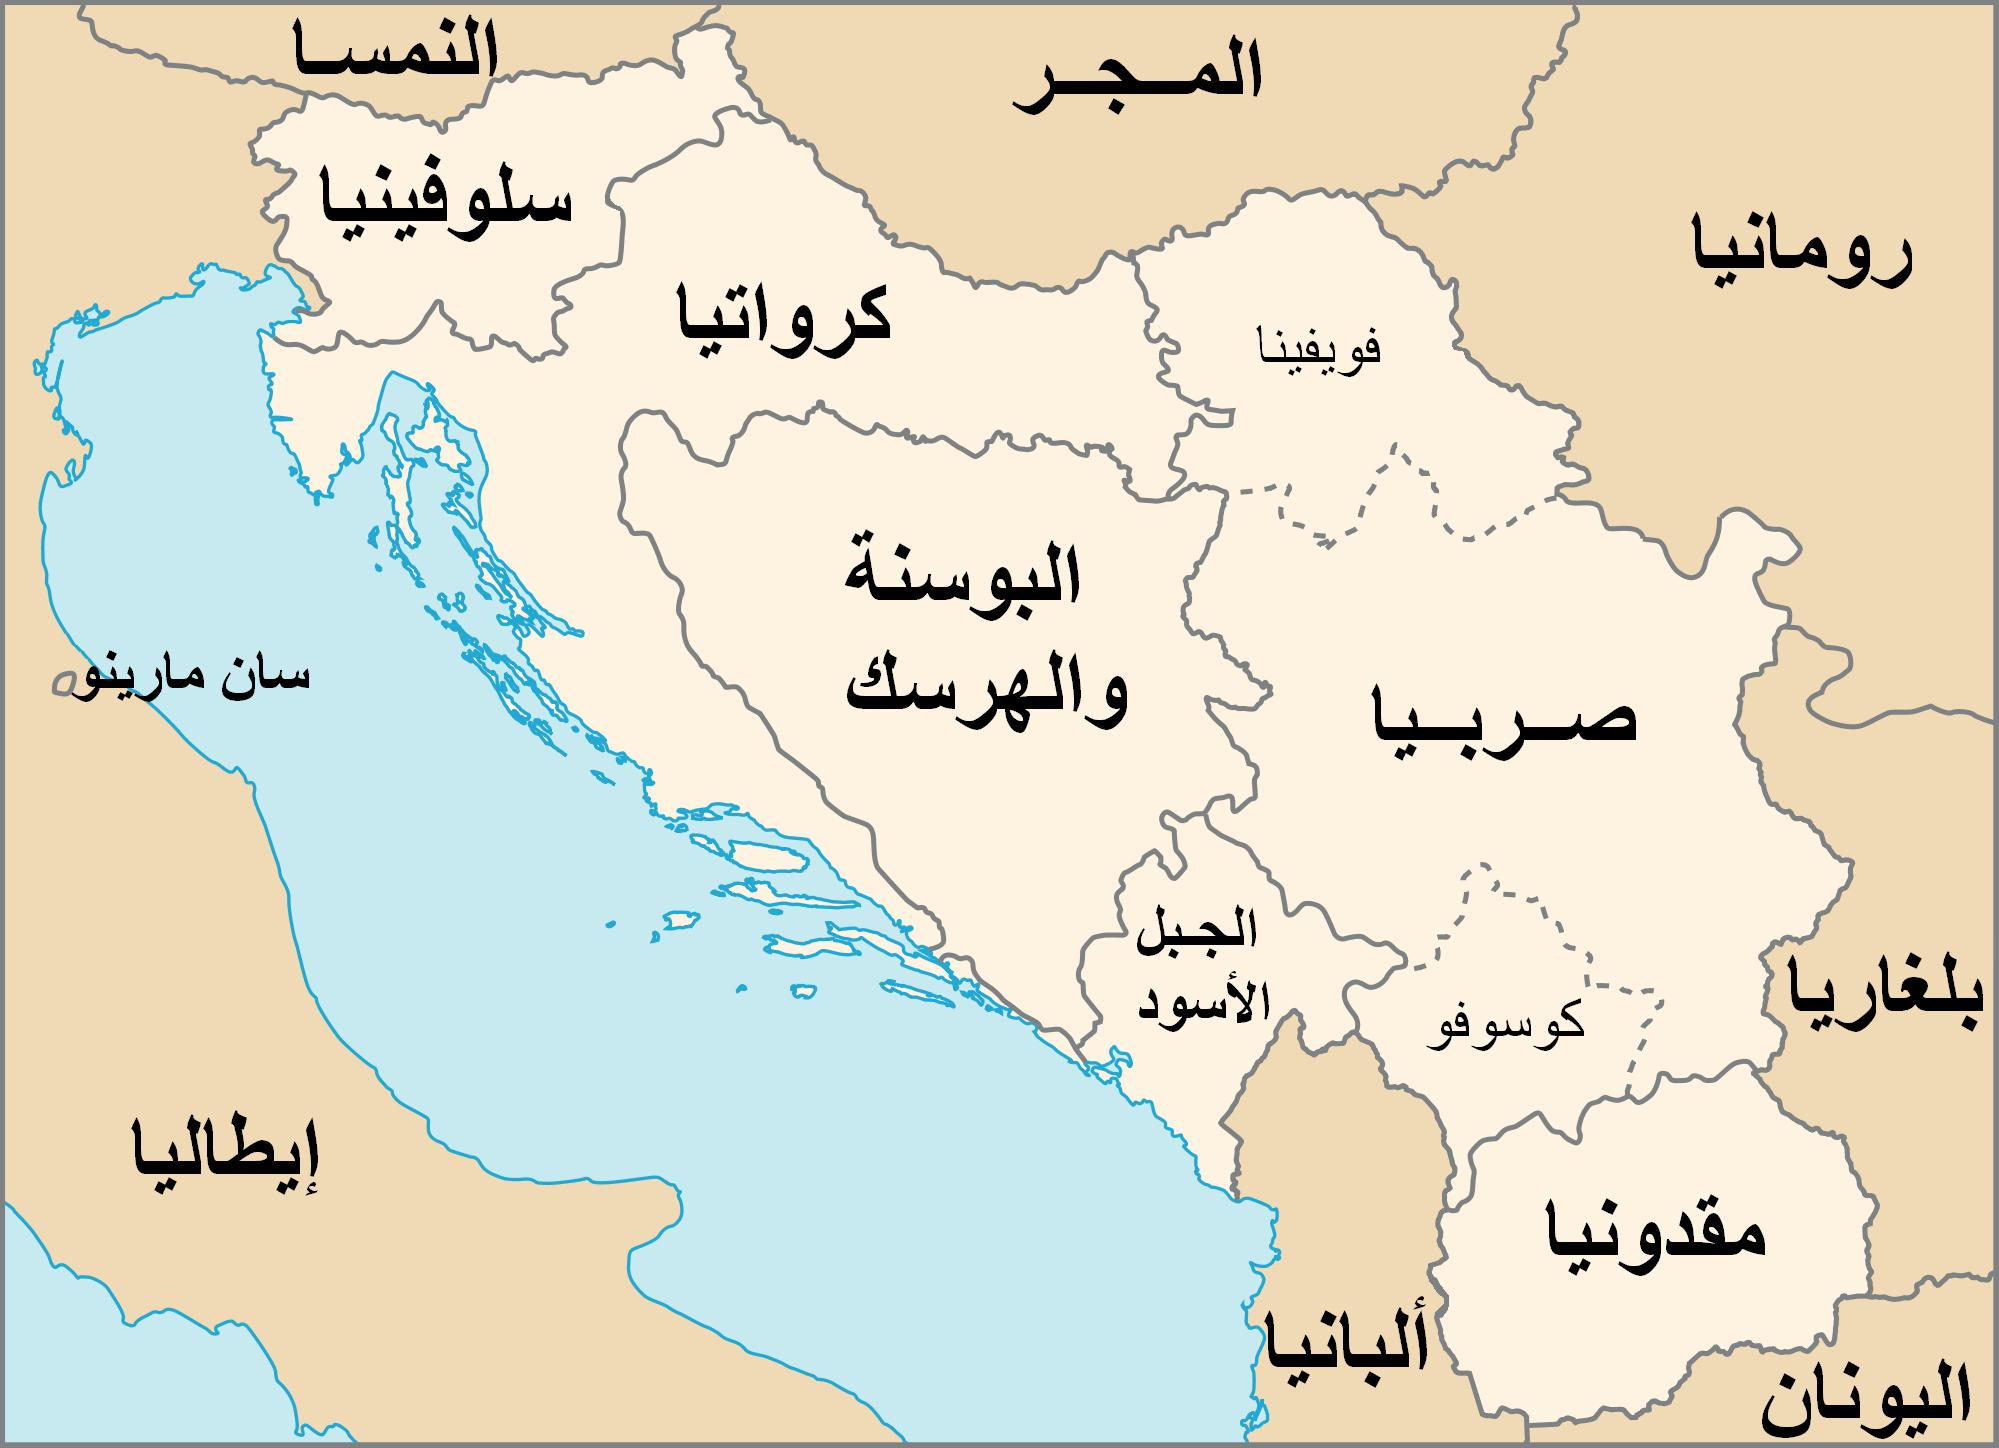 كم عدد سكان البوسنة والهرسك Home Decor Decals Blog Posts Map